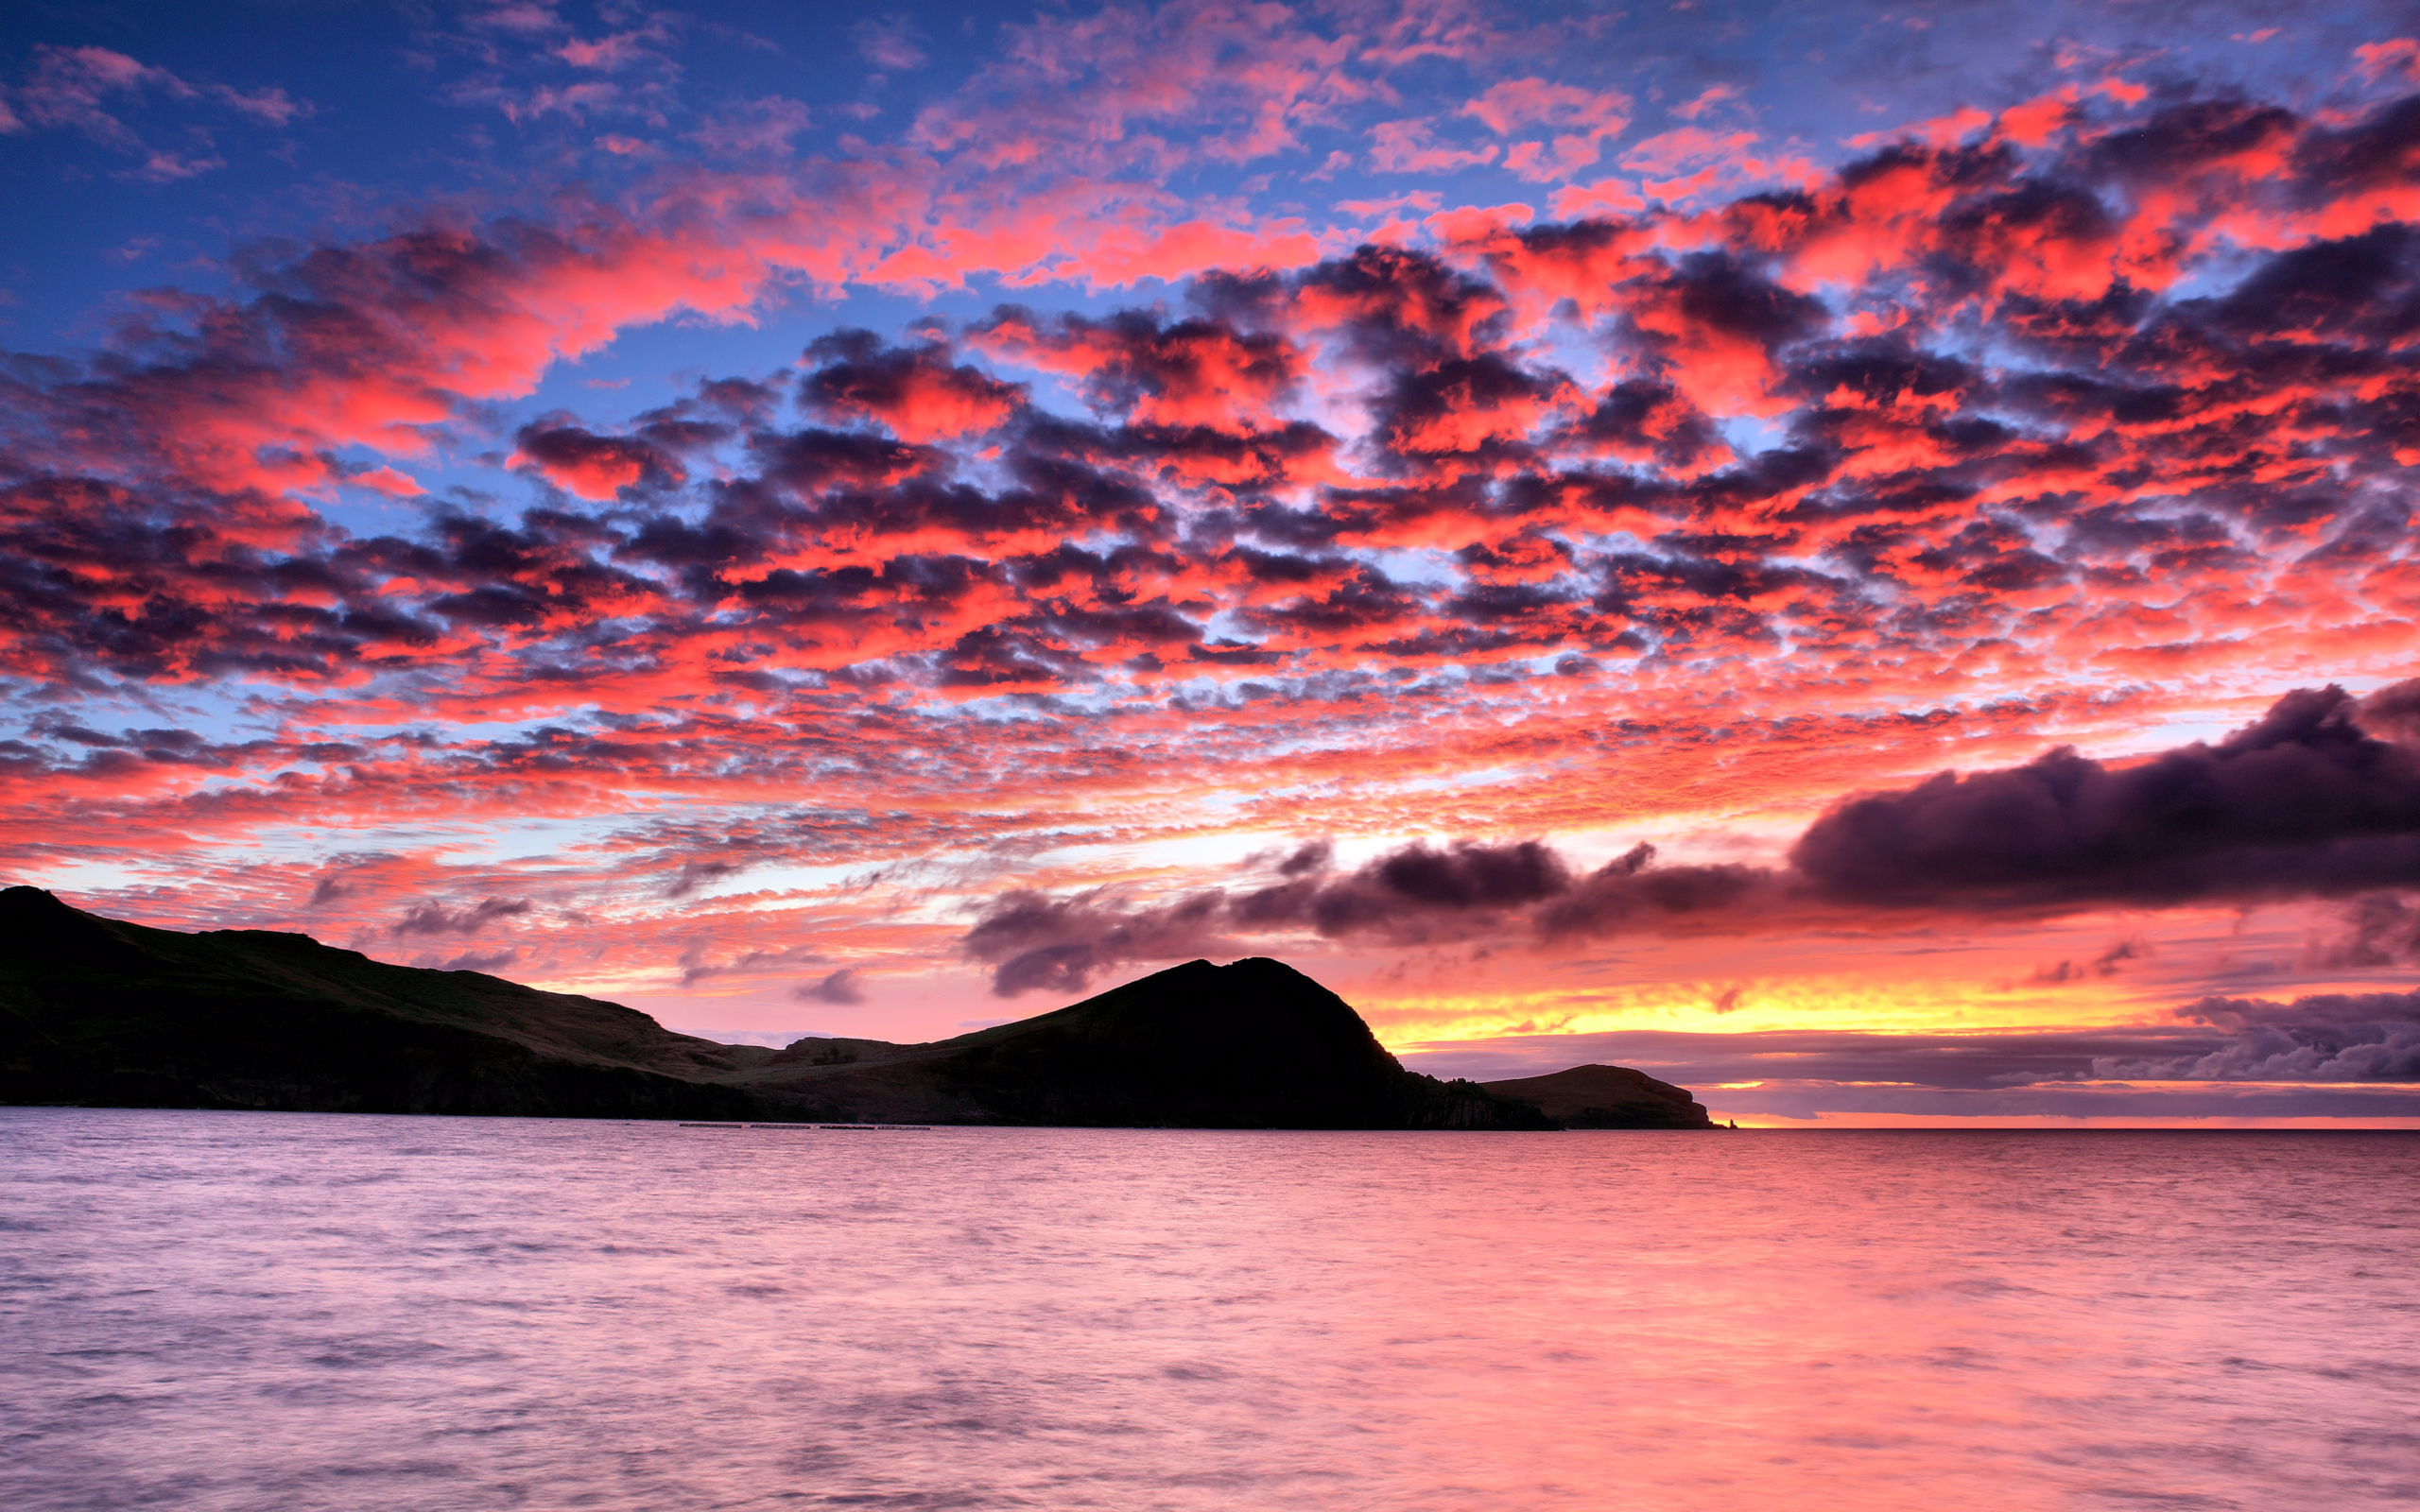 Hermoso cielo en puesta de sol - 2560x1600